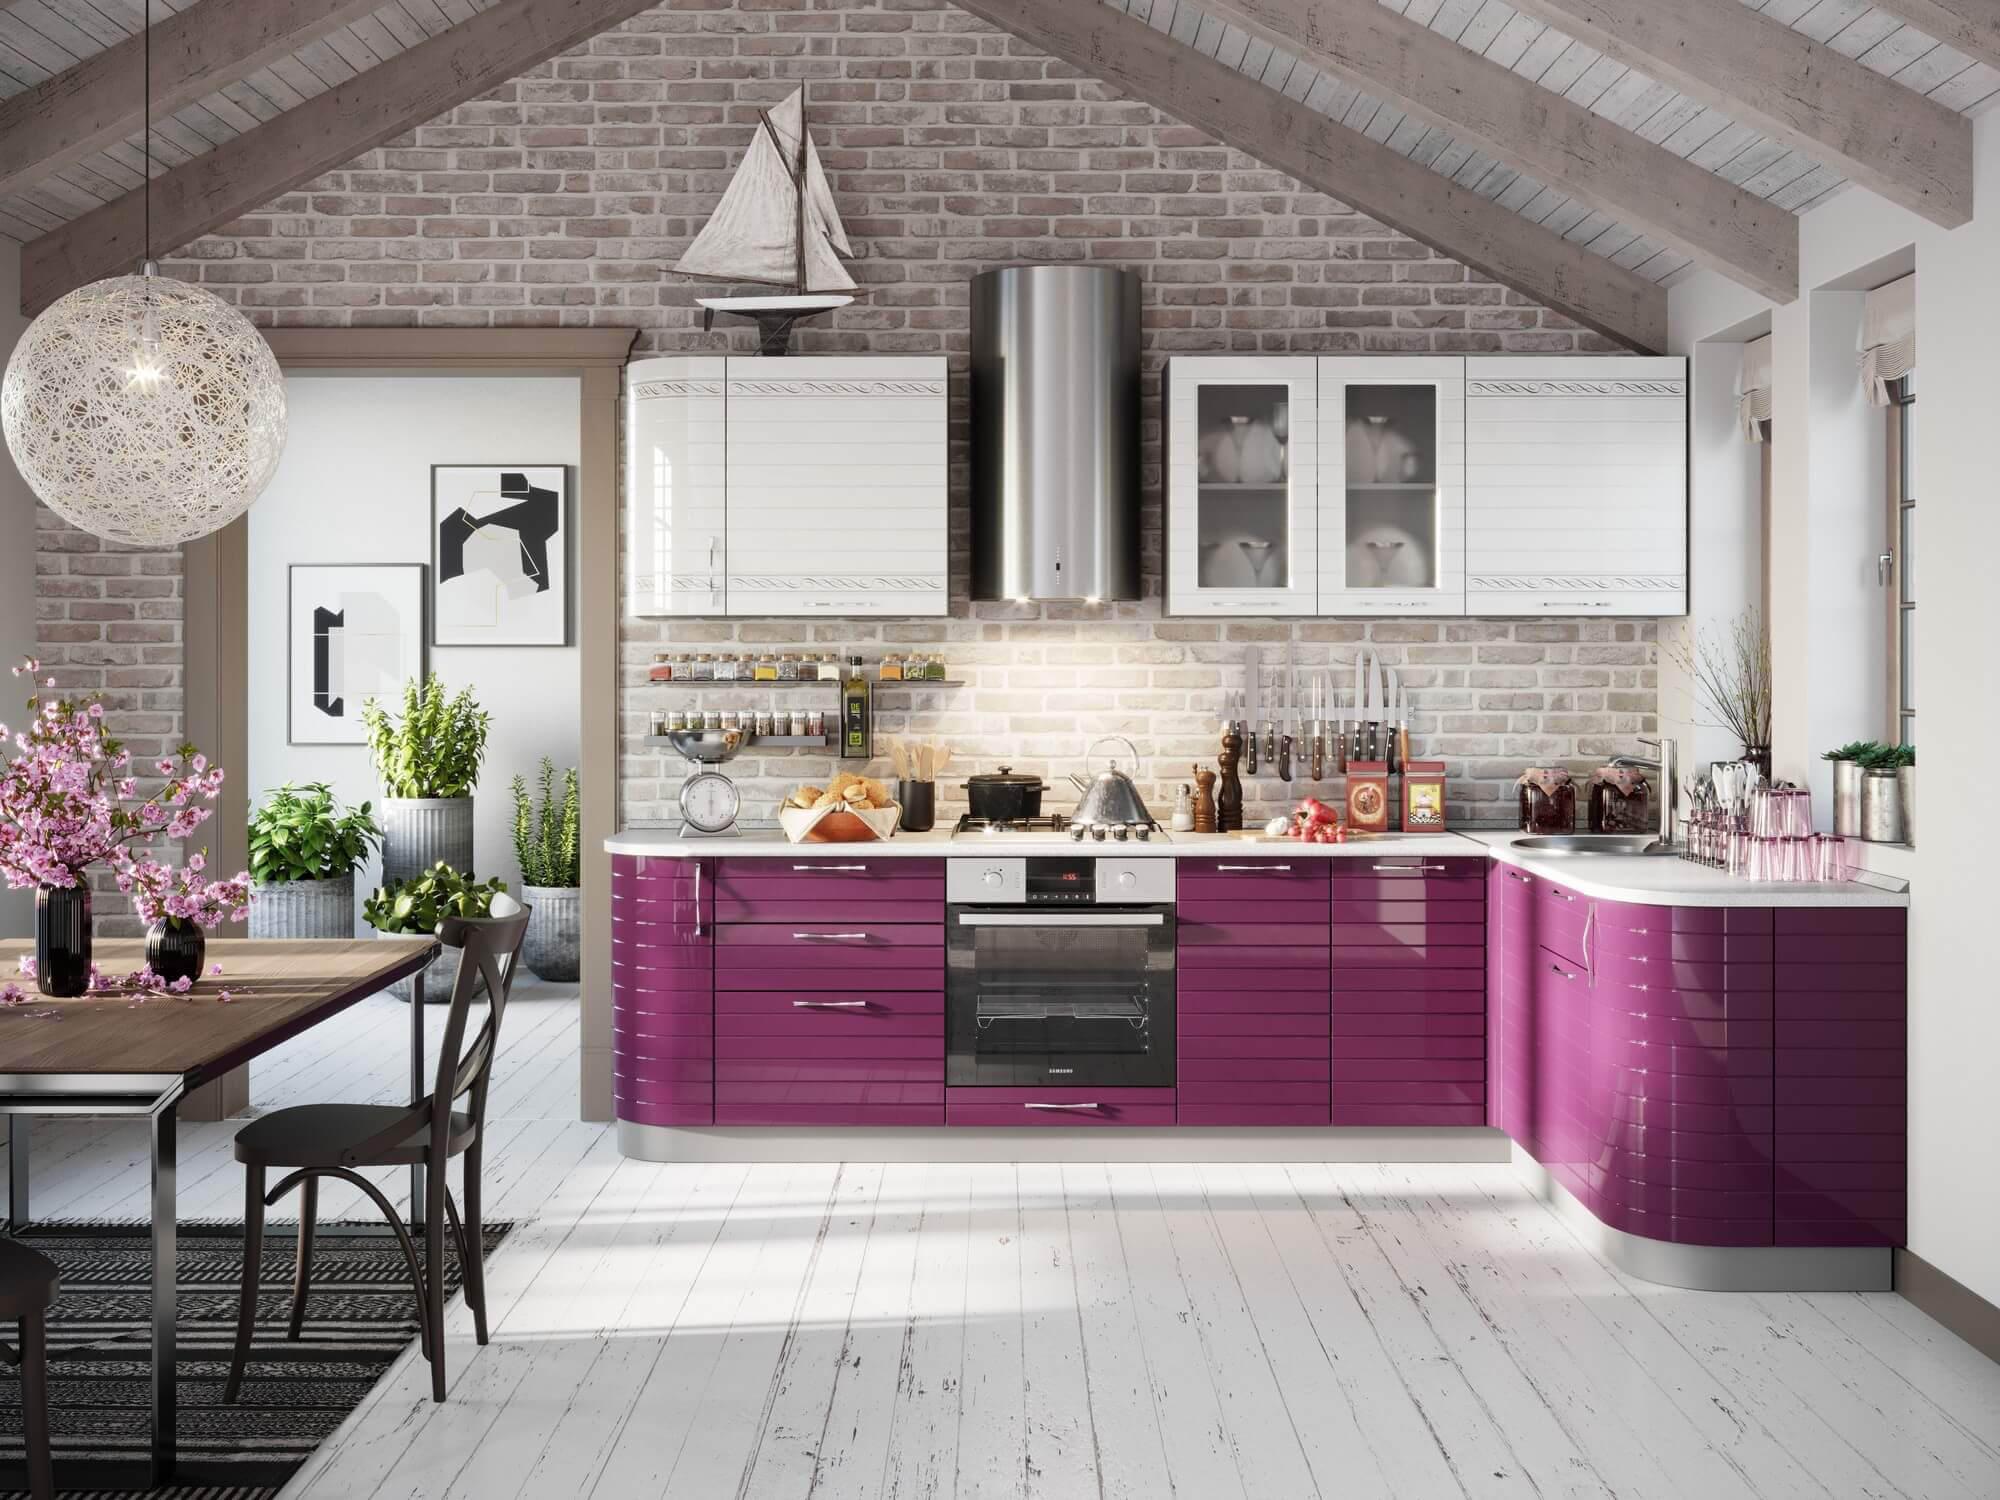 Модульная кухня Анастасия (Ежевика) купить в Москве в интернет-магазине Любимый дом